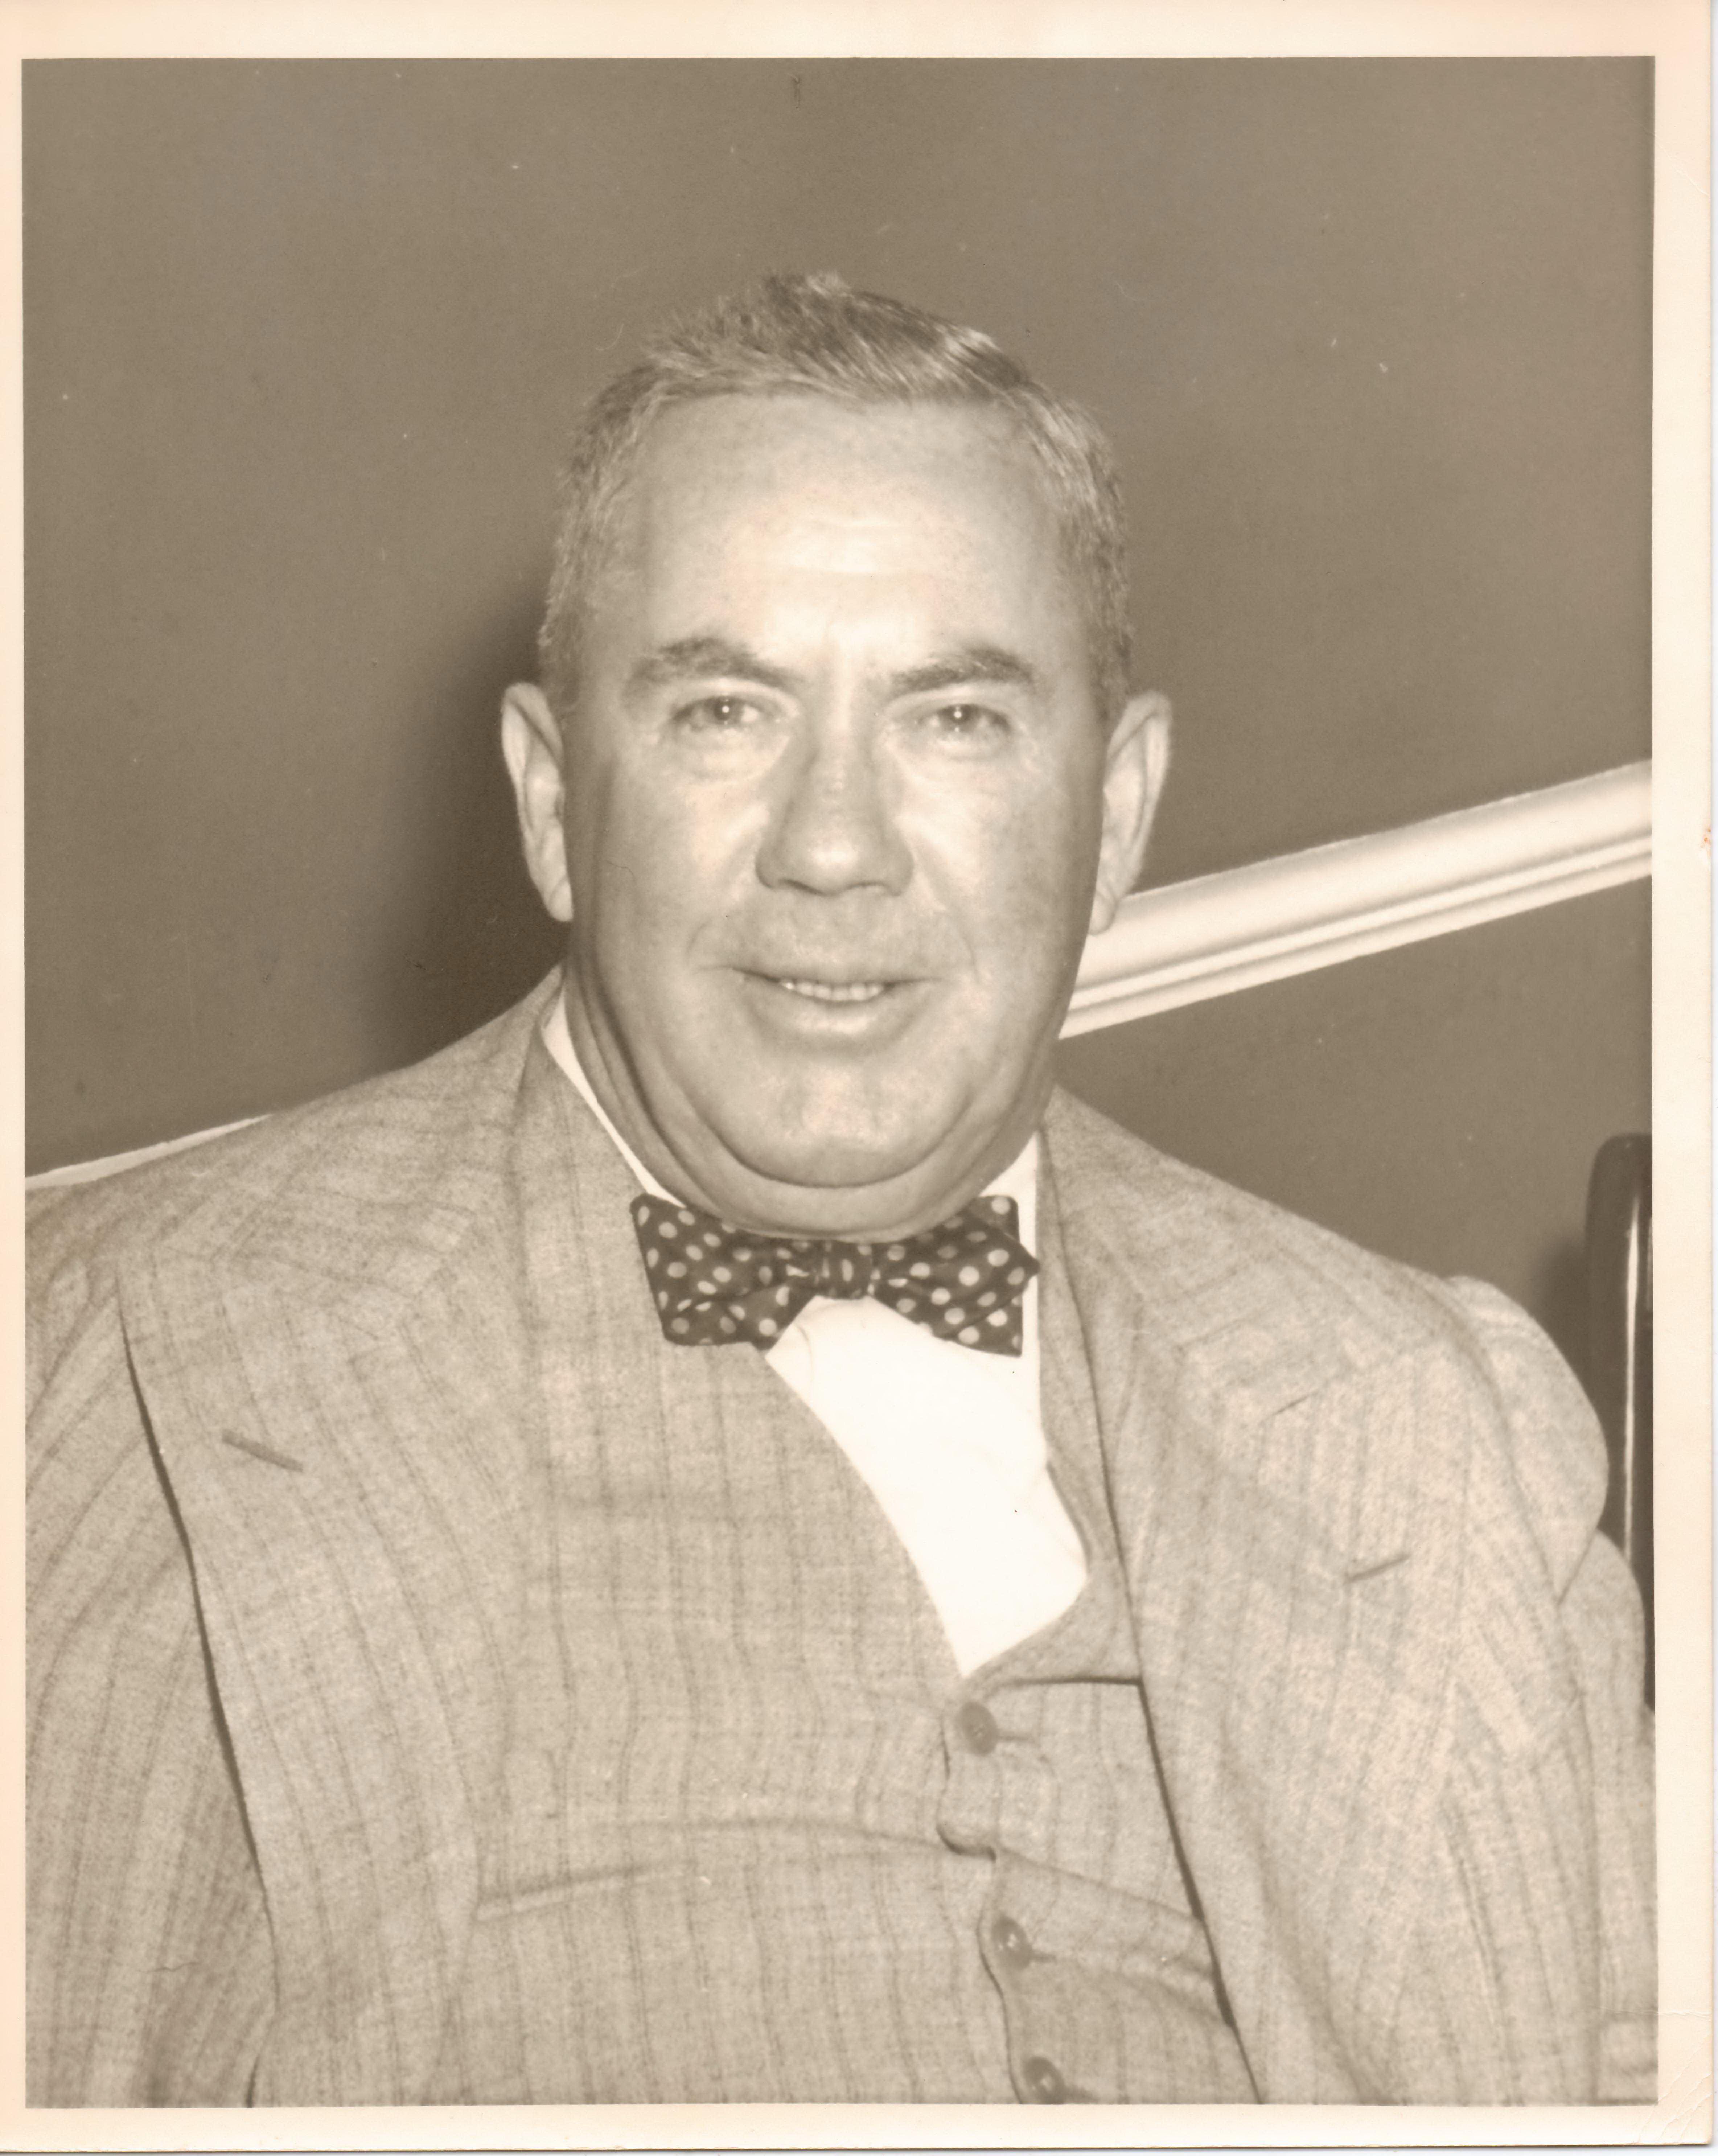 John J Coryell